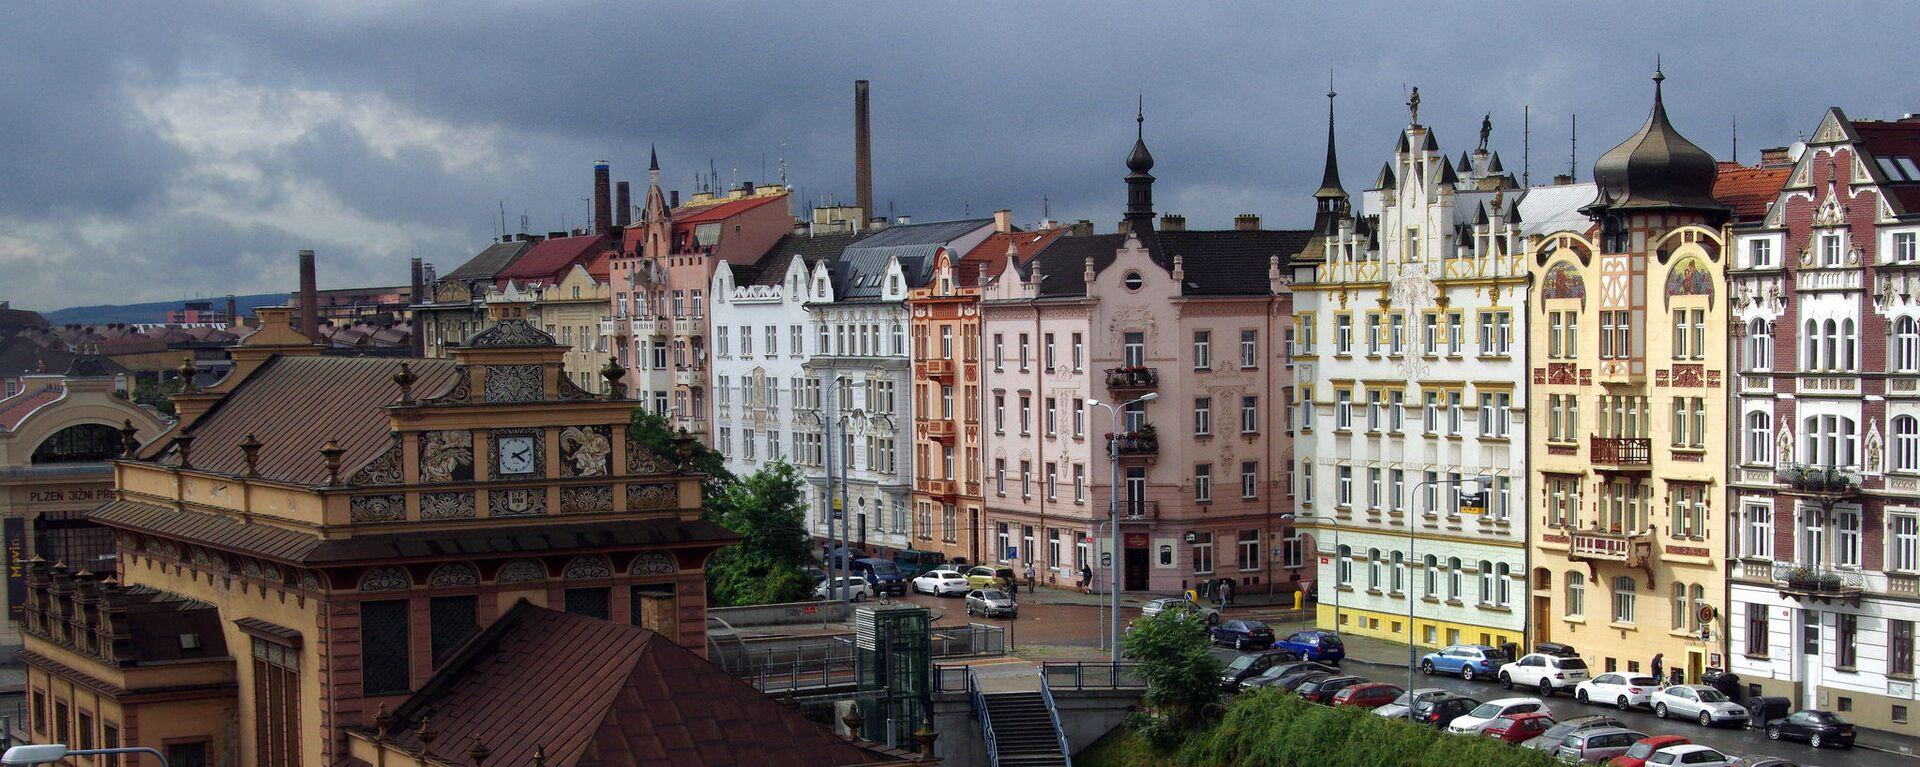 Plzeň - Sputnik Česká republika, 1920, 13.07.2021